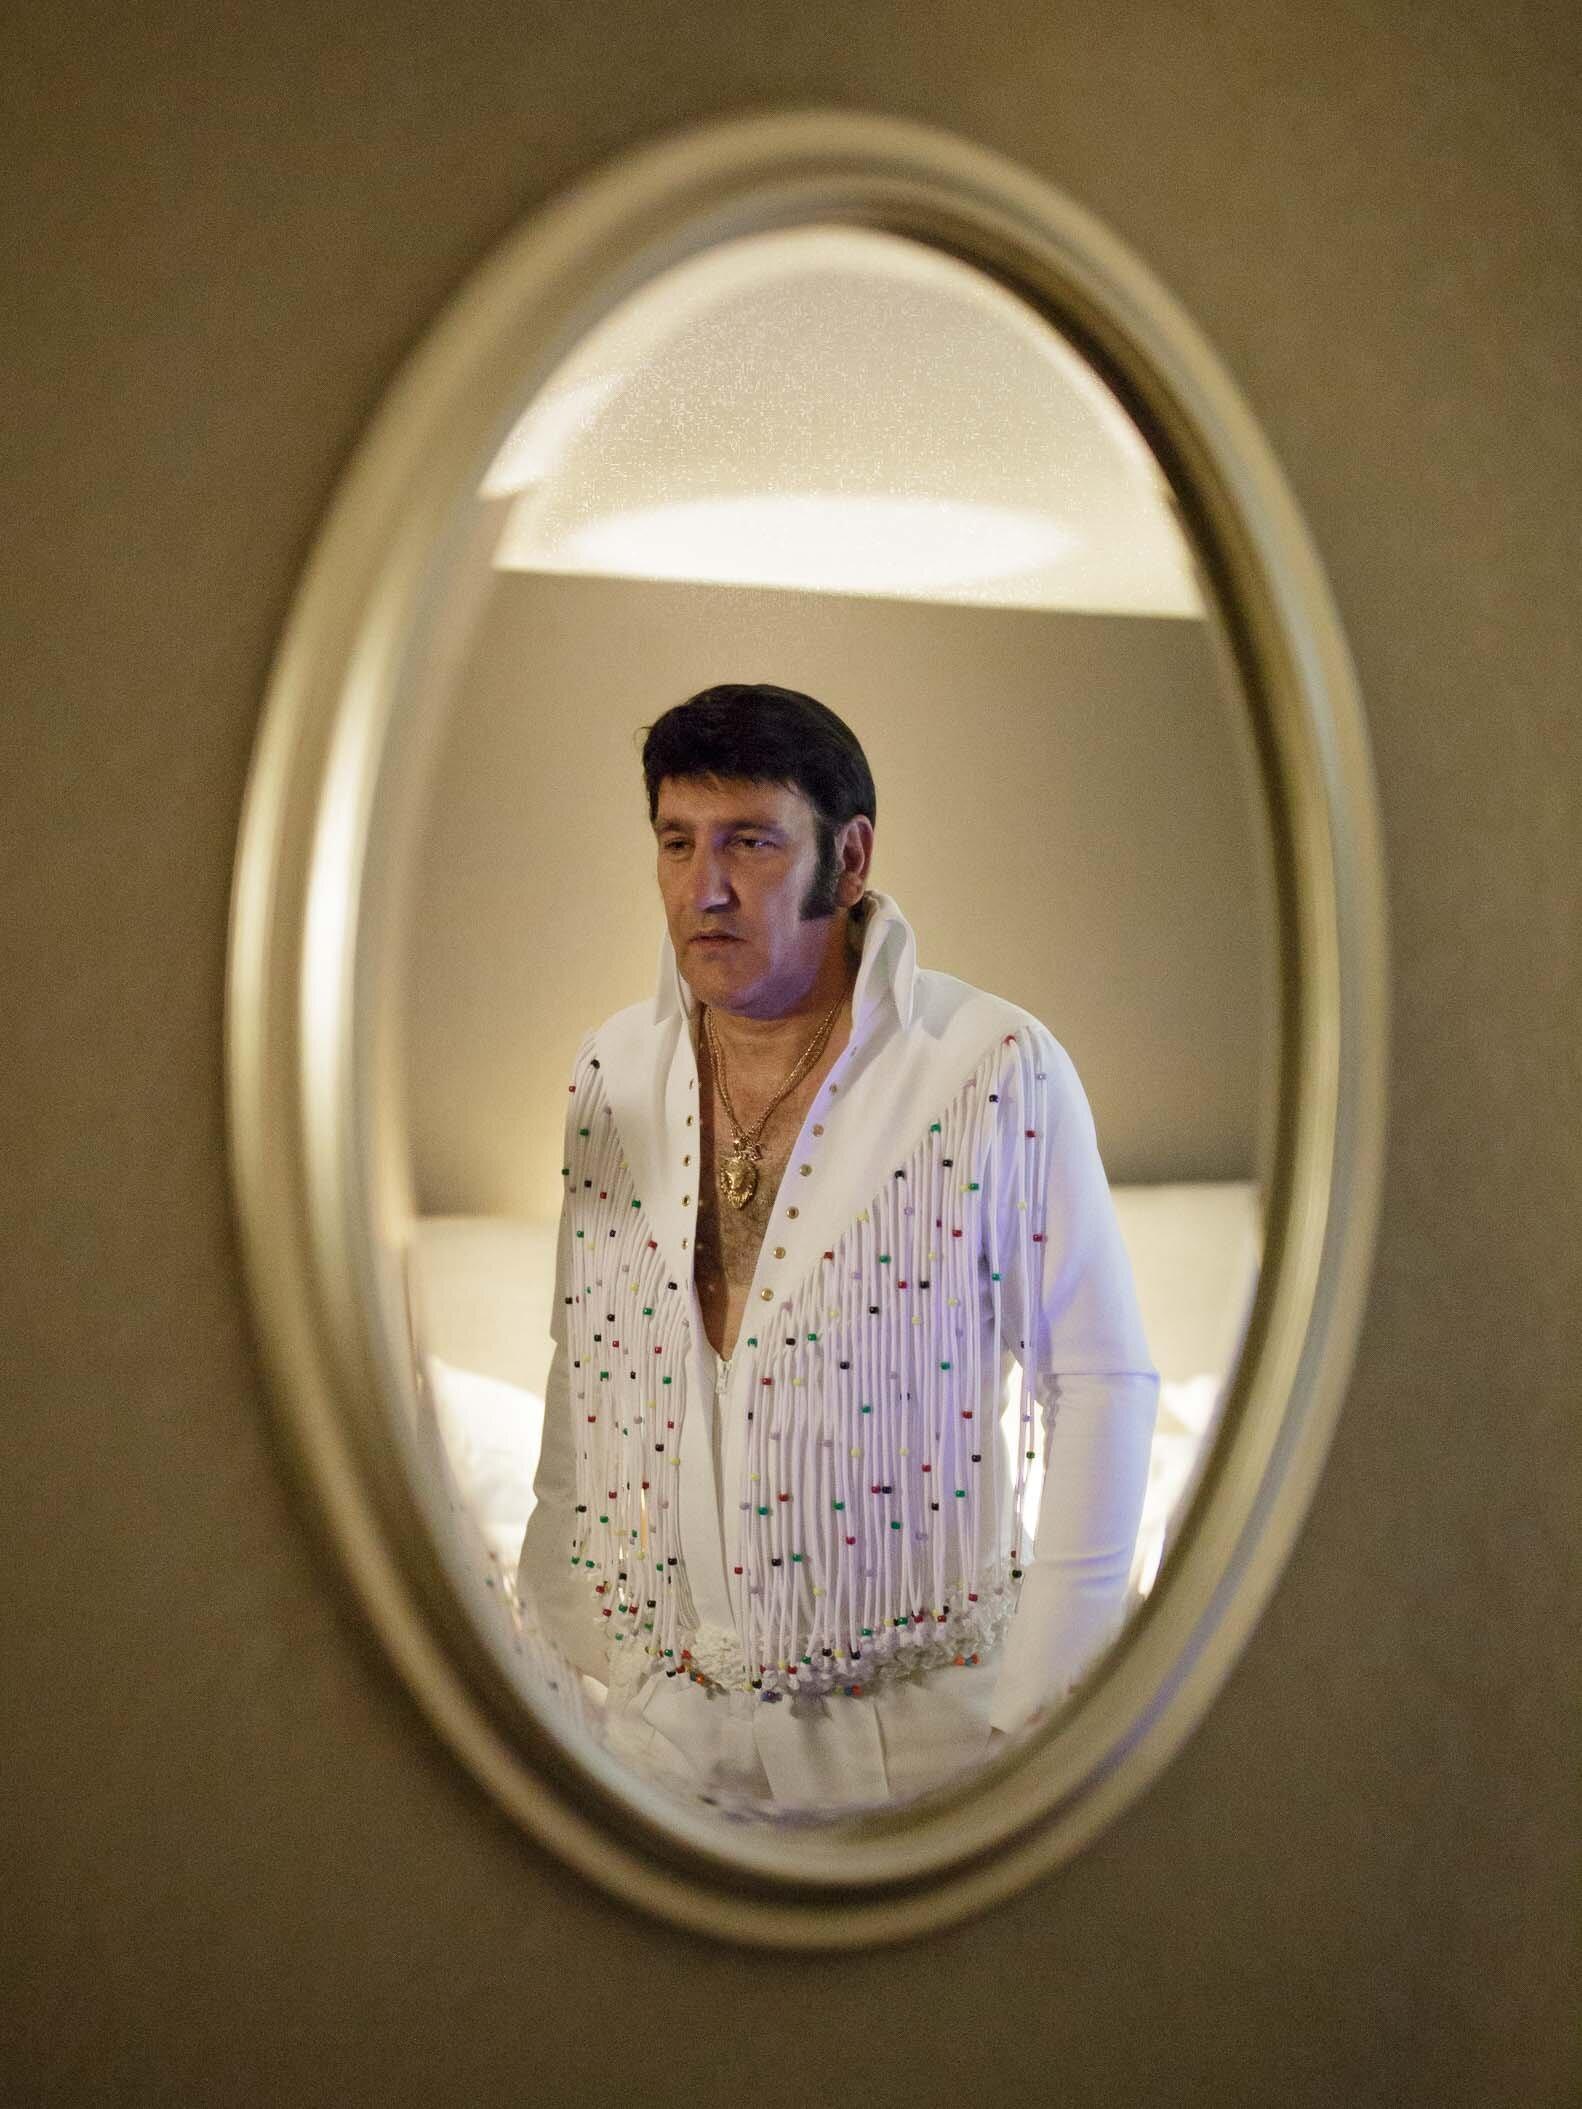 John in his hotel room